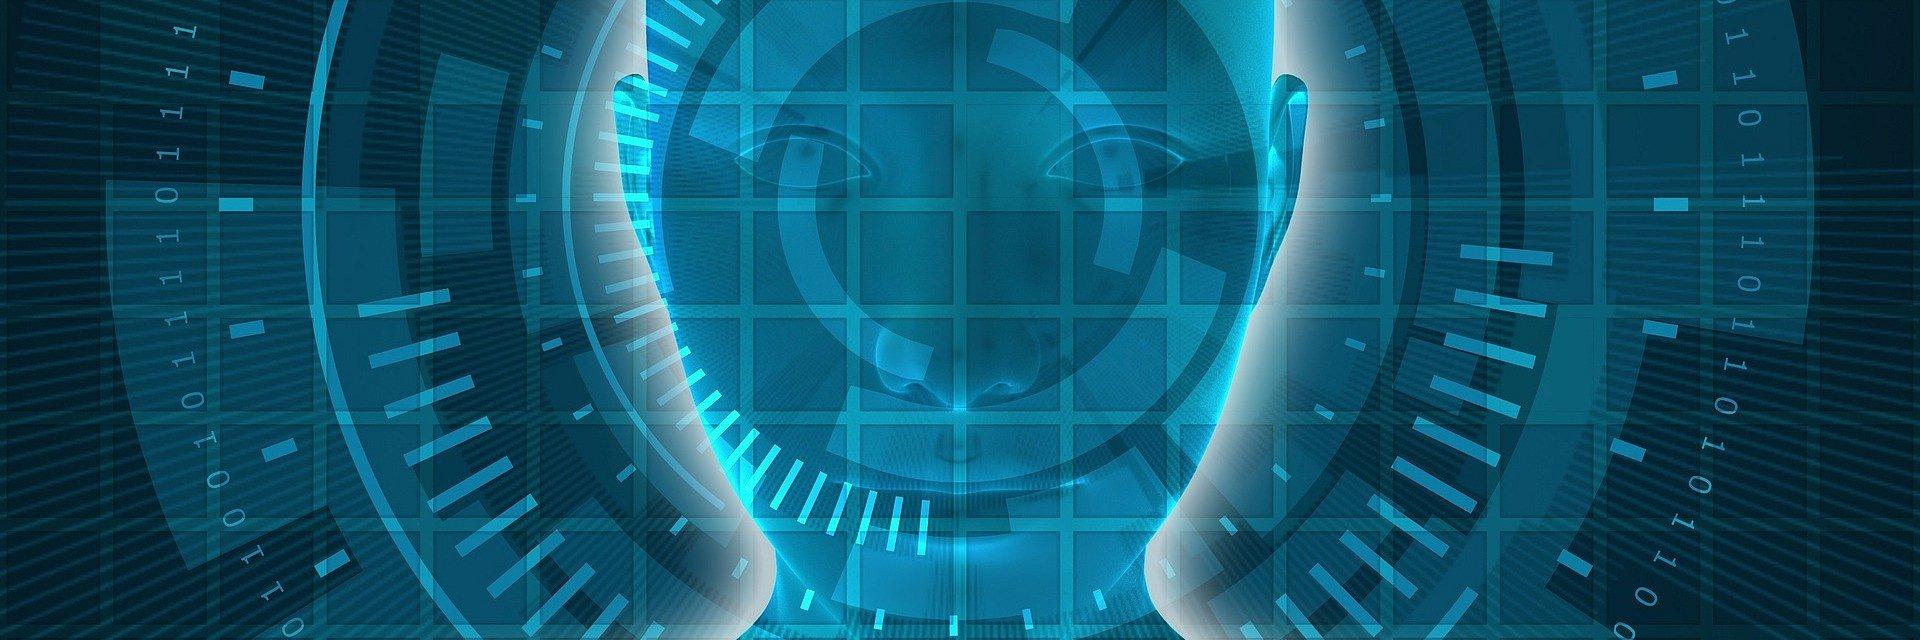 Prawo nie nadąża za rozwojem sztucznej inteligencji w medycynie